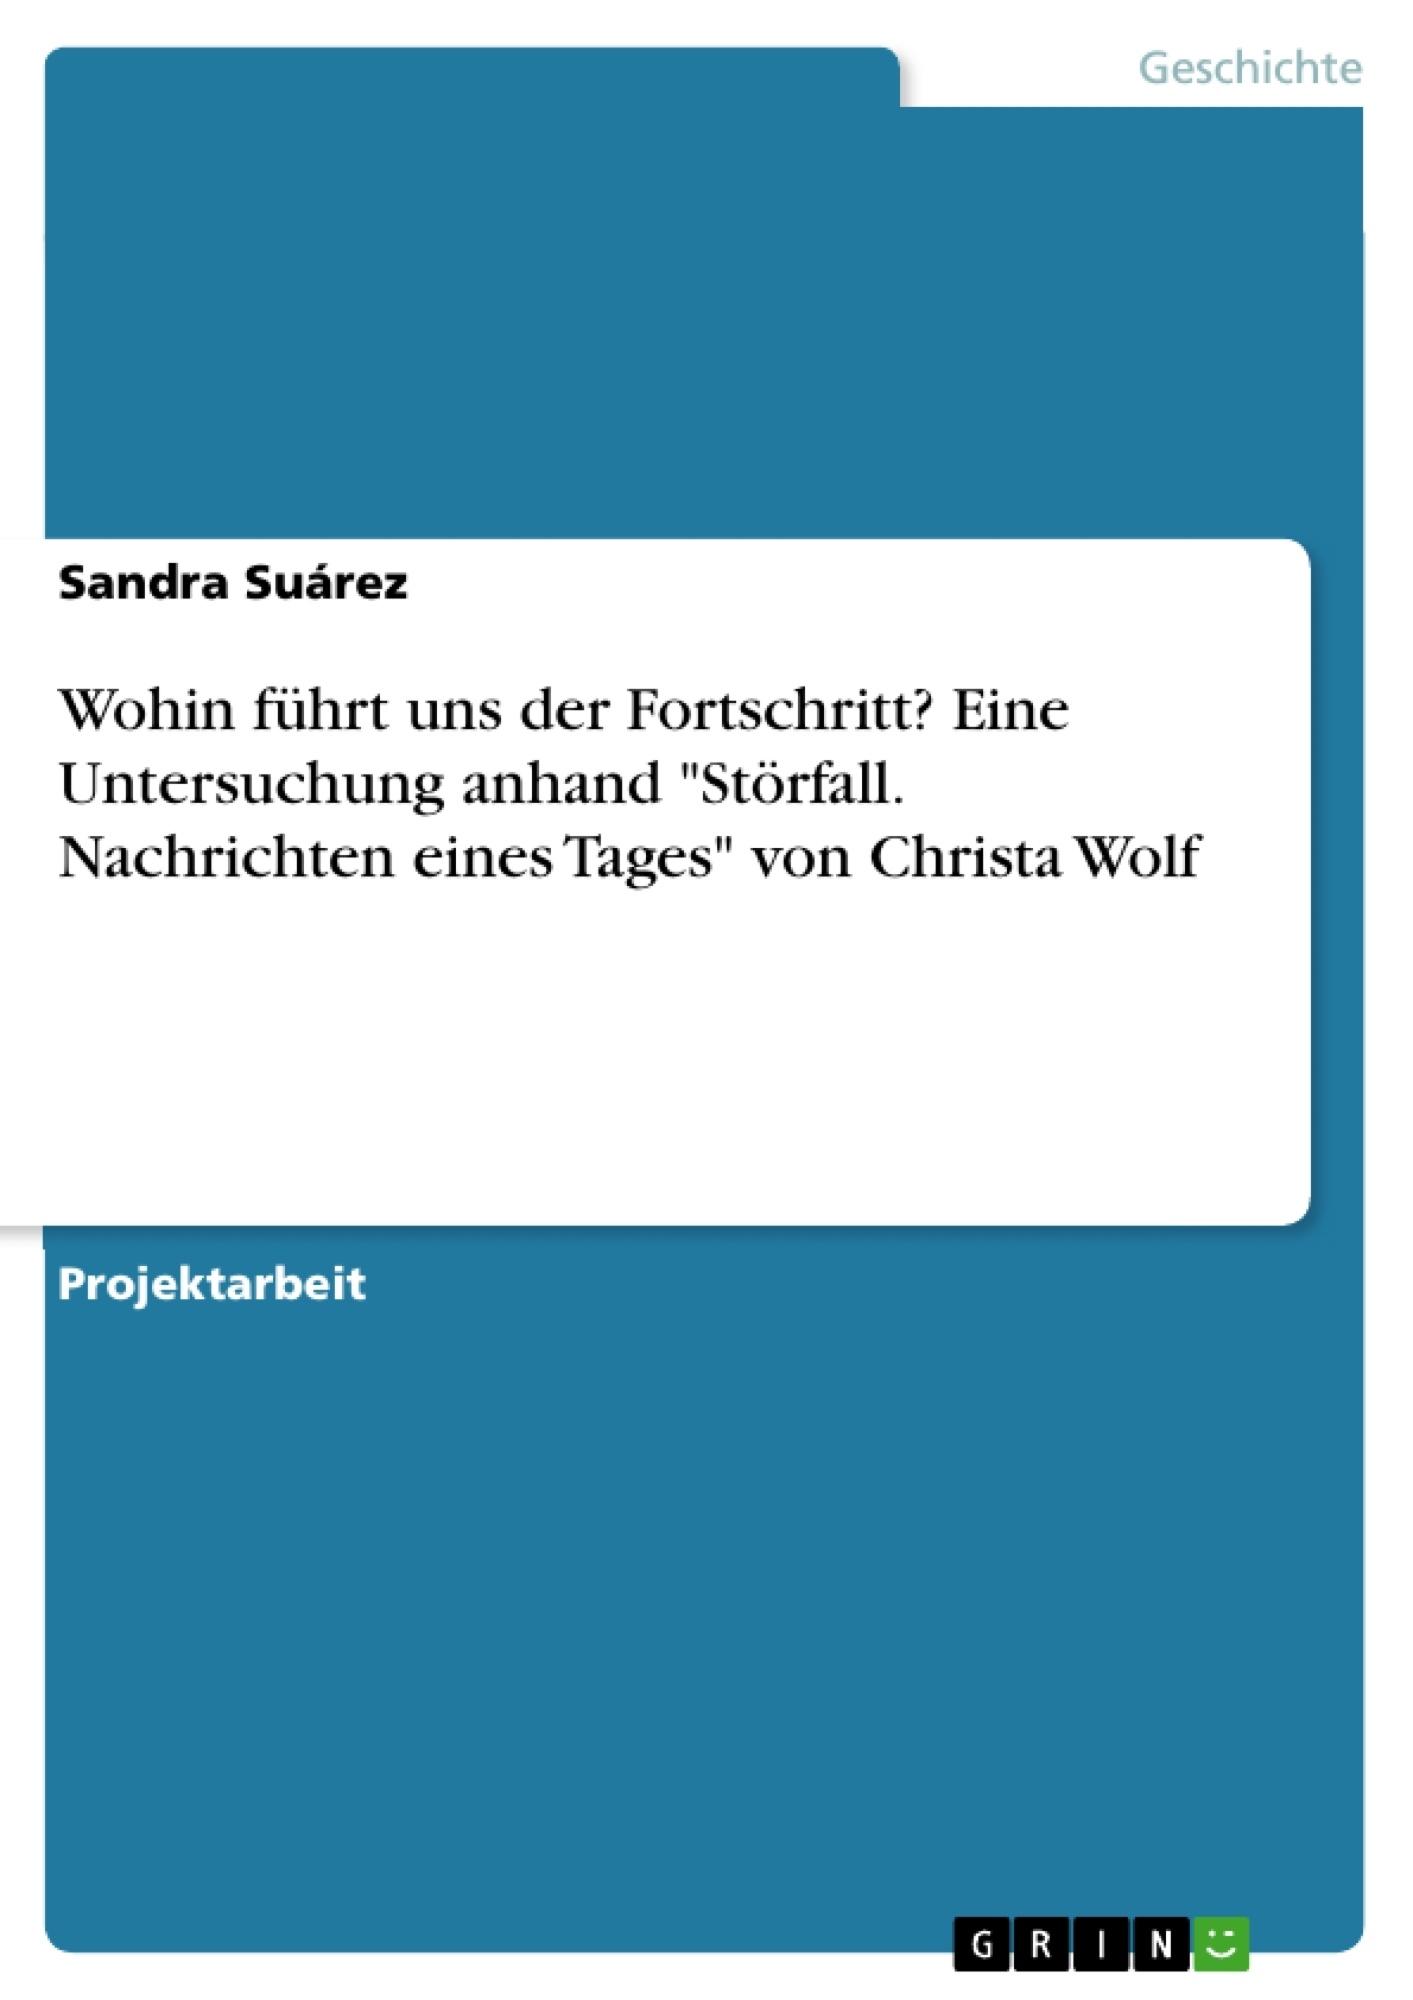 """Titel: Wohin führt uns der Fortschritt? Eine Untersuchung anhand """"Störfall. Nachrichten eines Tages"""" von Christa Wolf"""